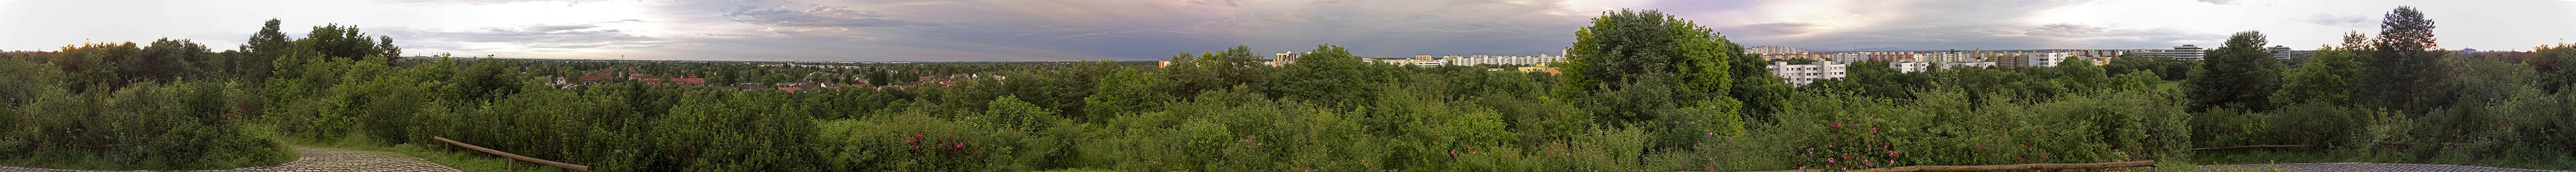 München Ostpark mit Ausblicken auf Ramersdorf, Berg am Laim, Trudering und Neuperlach